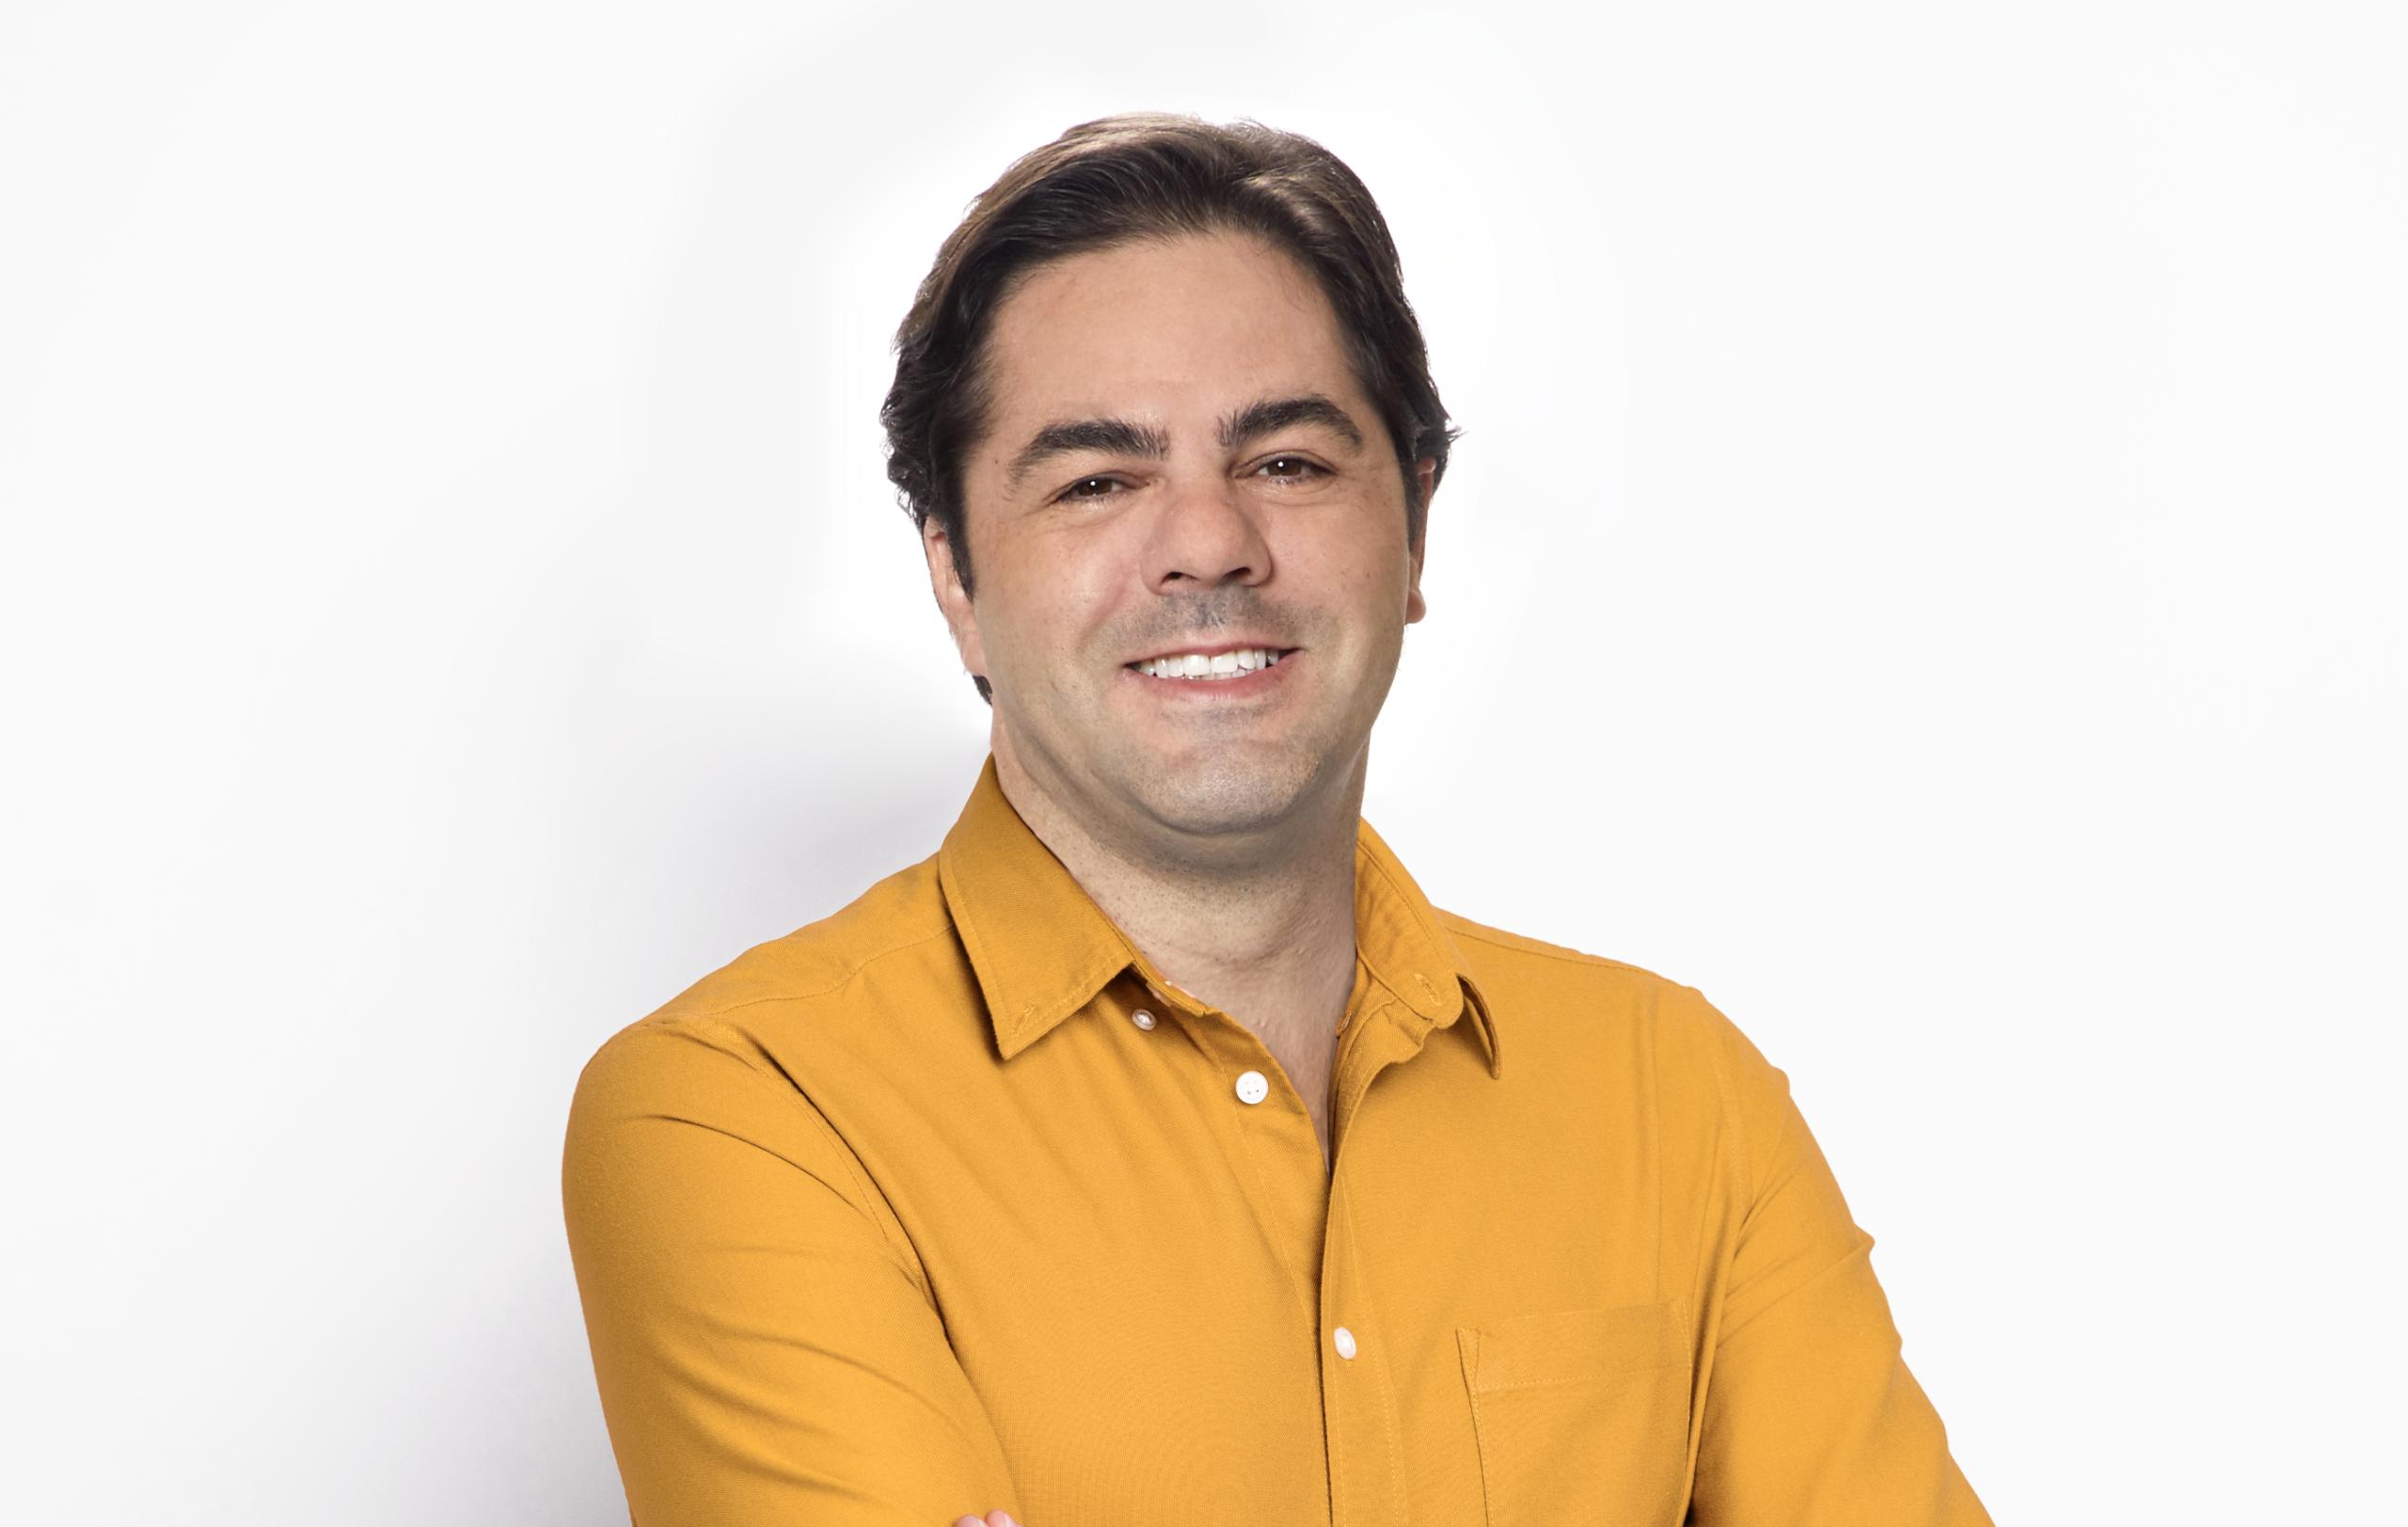 Intervista a: Gustavo Marcellini